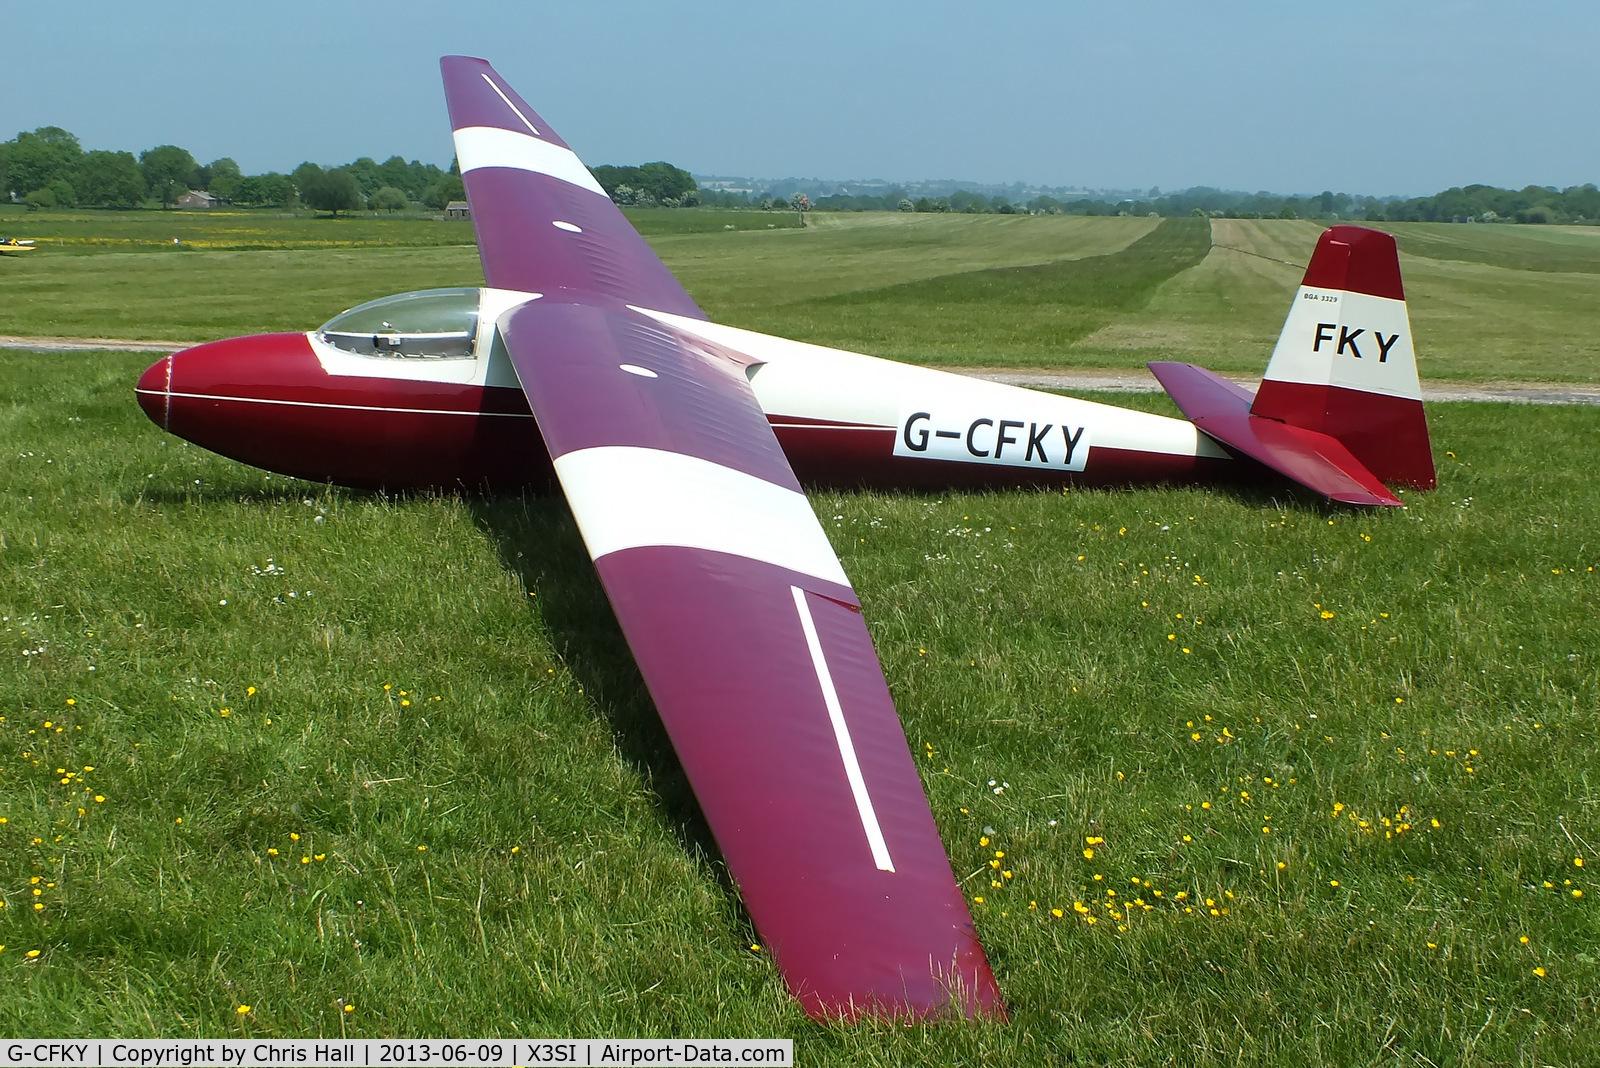 G-CFKY, 1960 Schleicher Ka-6CR Rhonsegler C/N 822, Staffordshire Gliding Club, Seighford Airfield